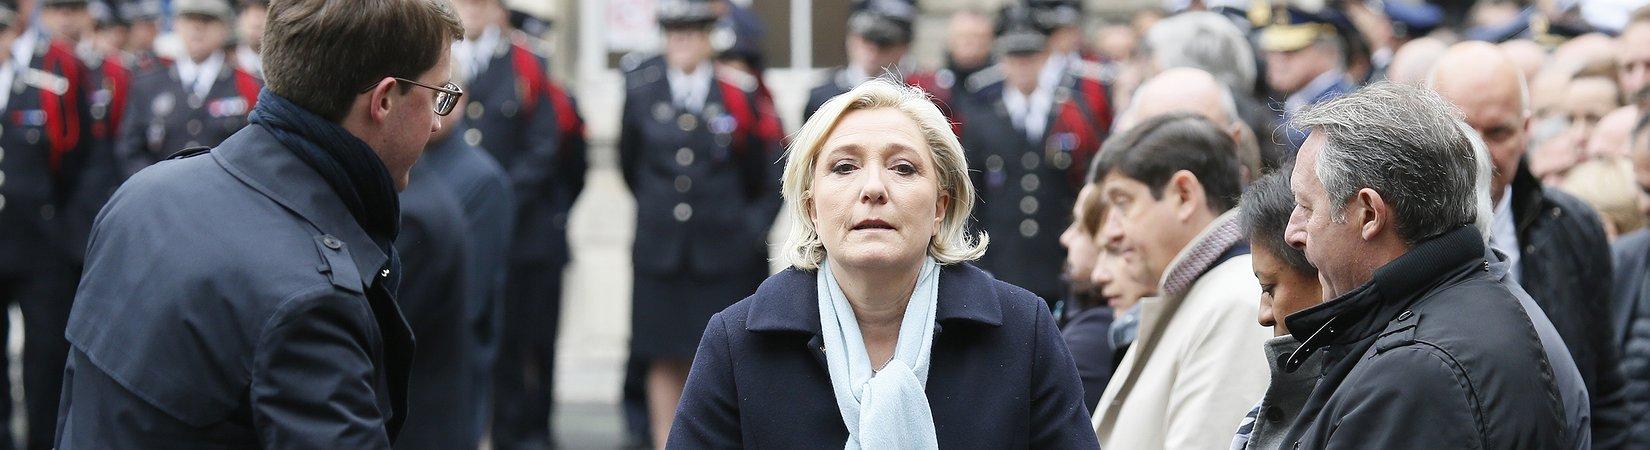 Le Pen abandona de forma temporal el liderazgo del Frente Nacional